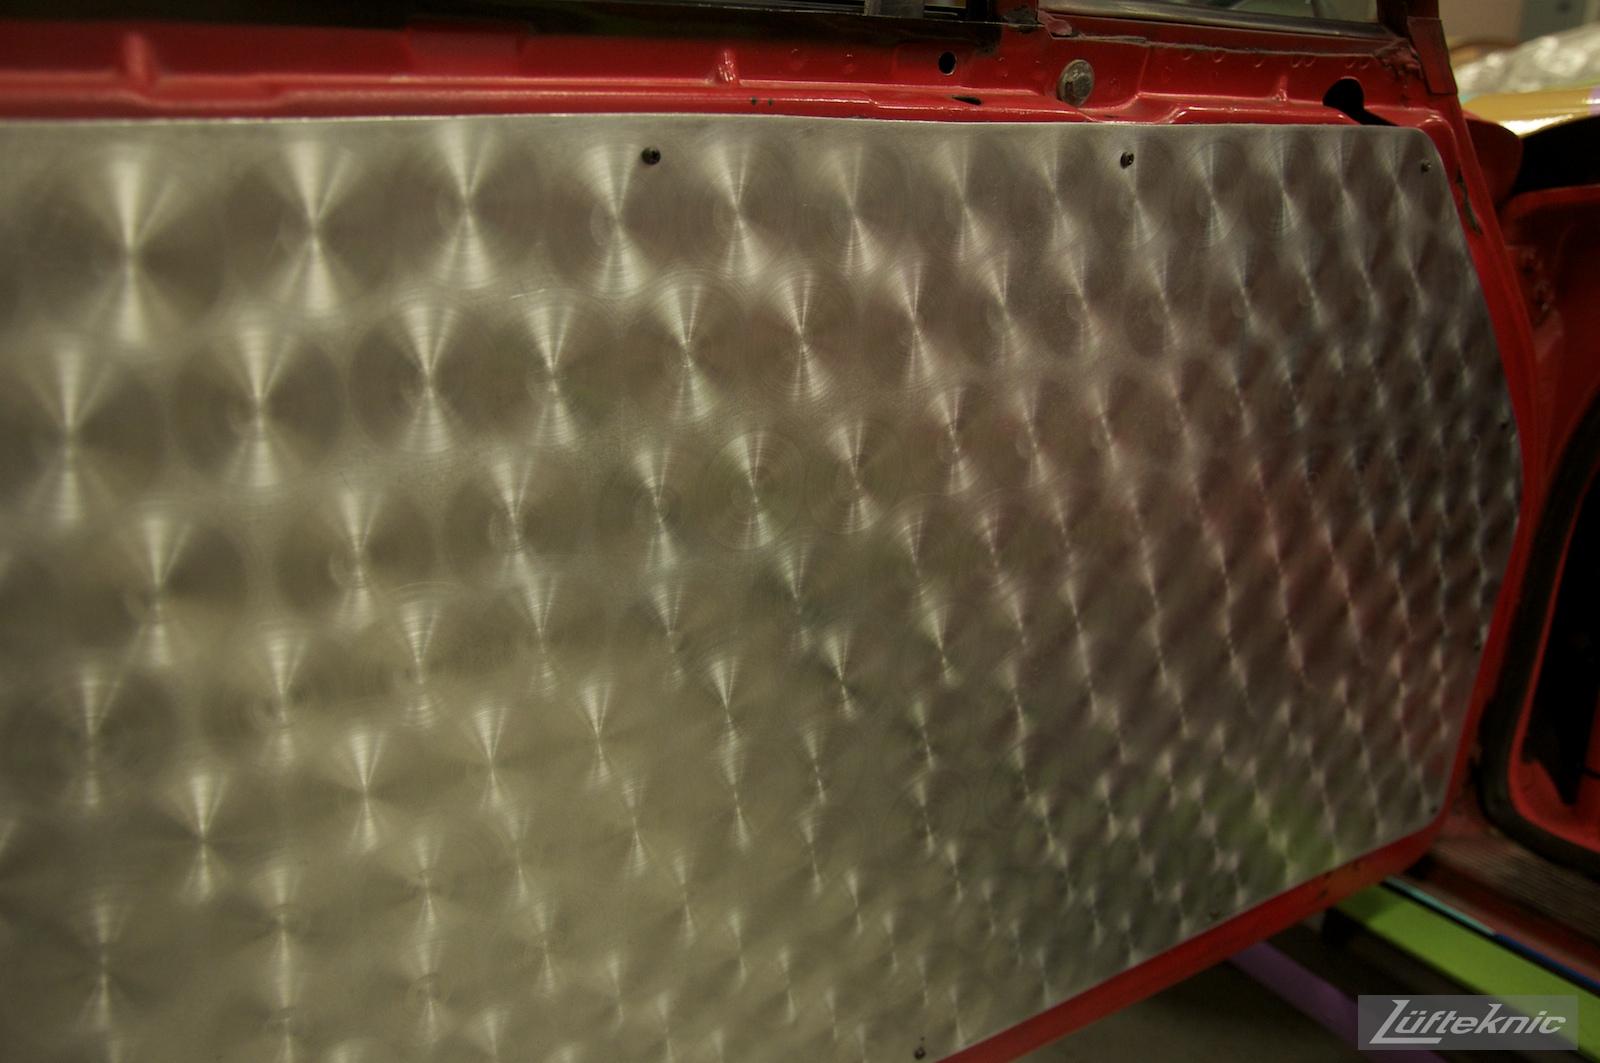 Custom stainless steel door panels on the Lüfteknic #projectstuka Porsche 930 Turbo